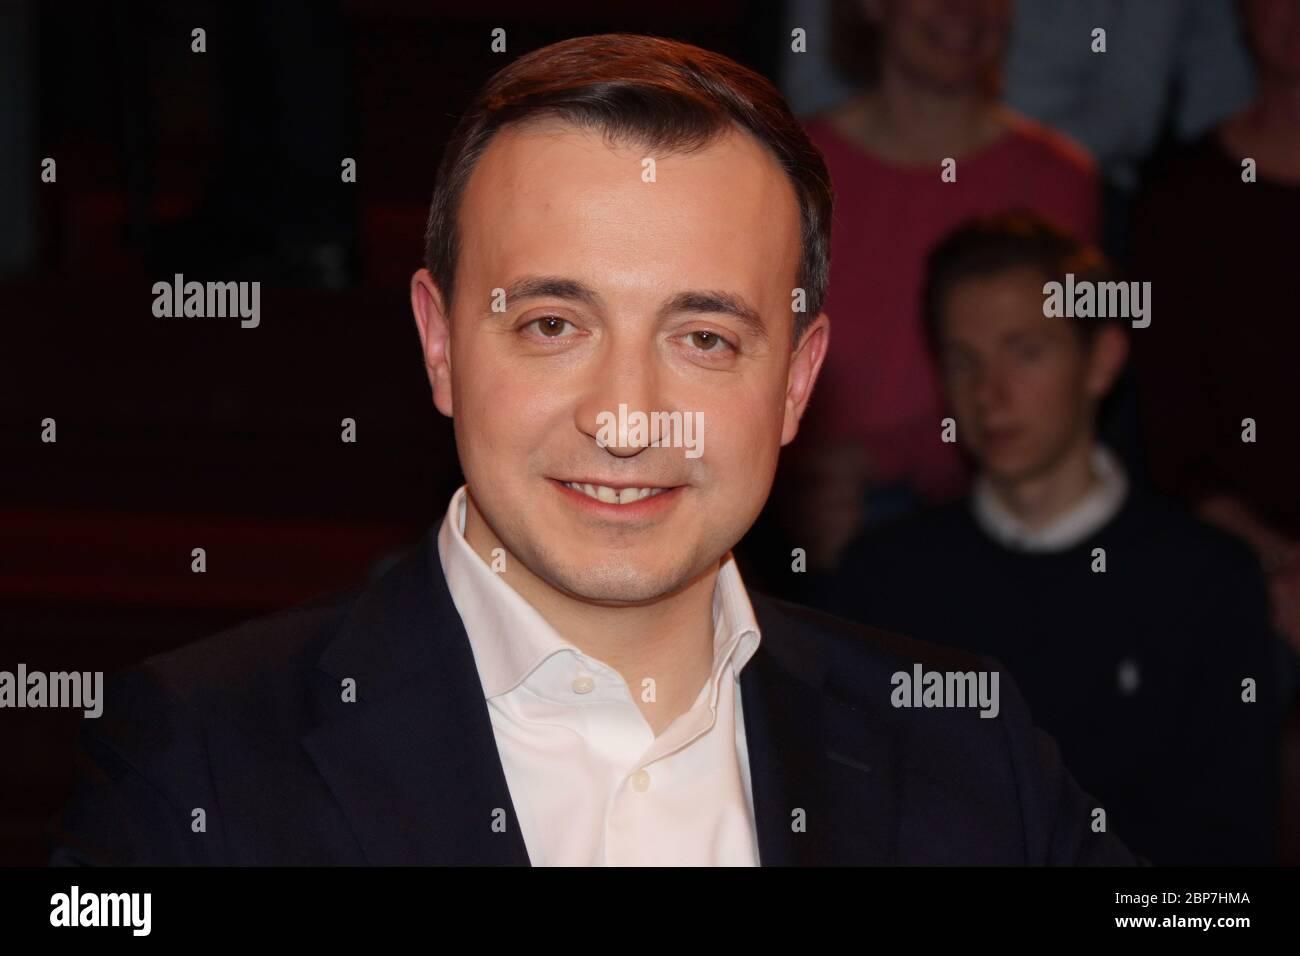 Paul Ziemiak Stock Photo